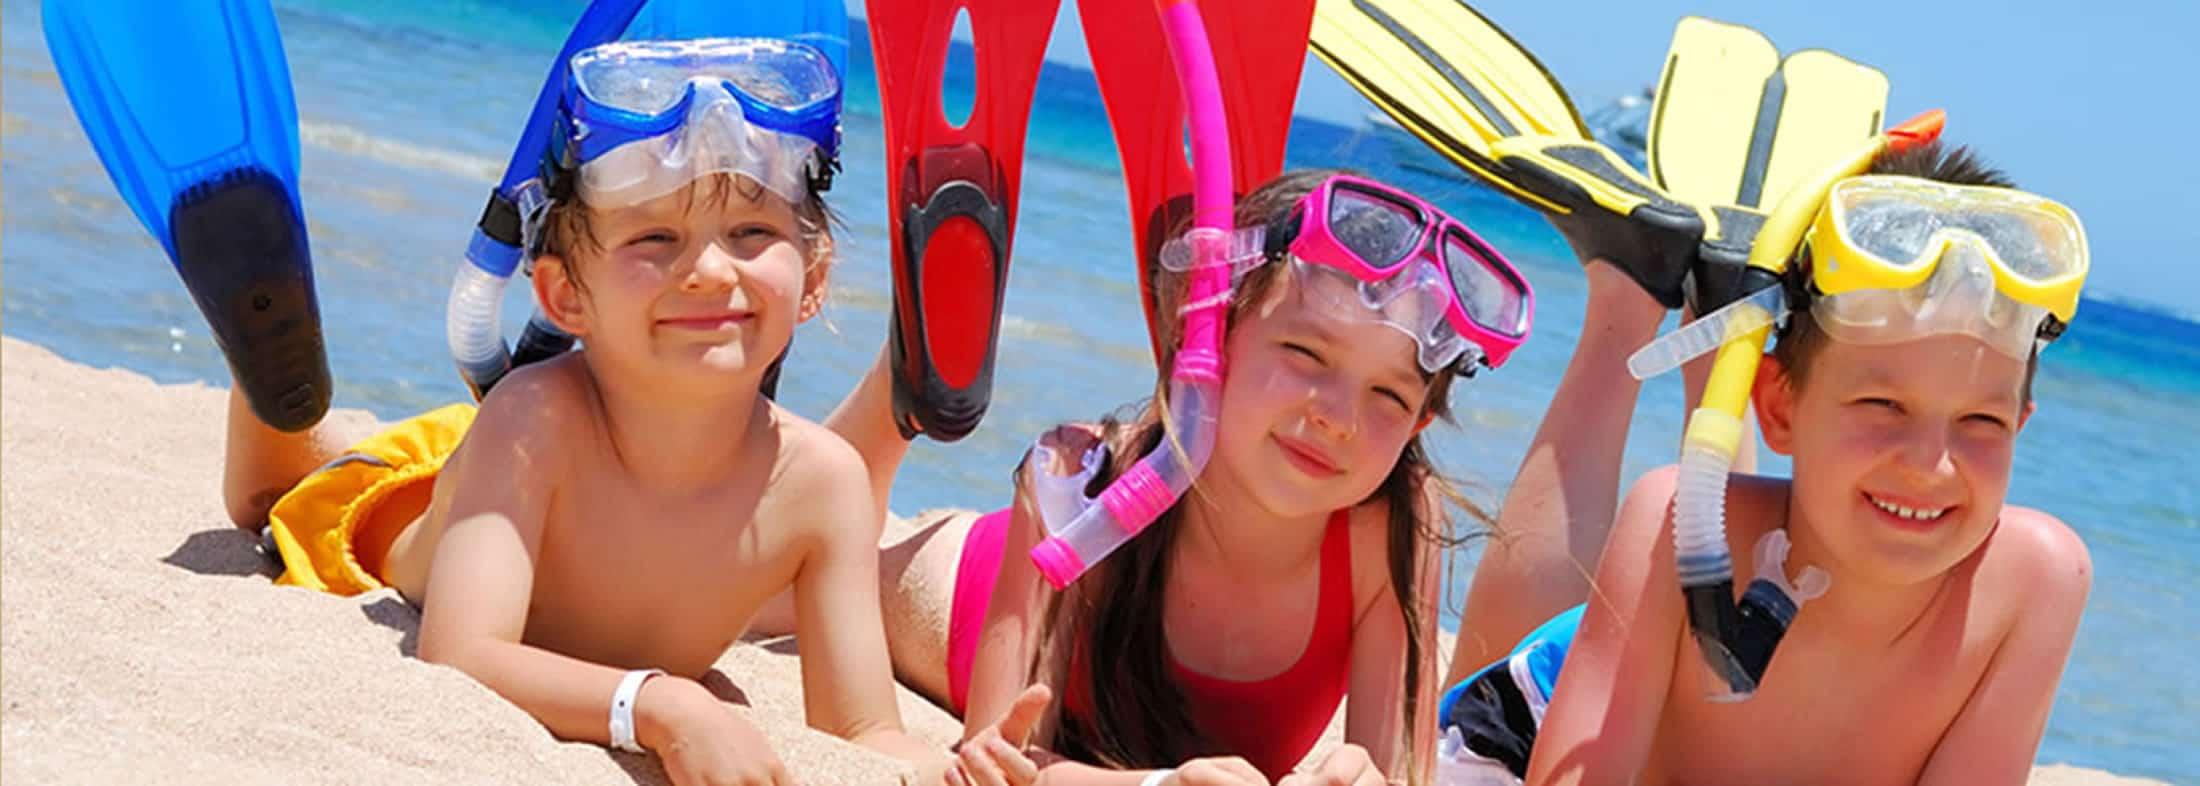 Bambini felici in riva al mare con maschera